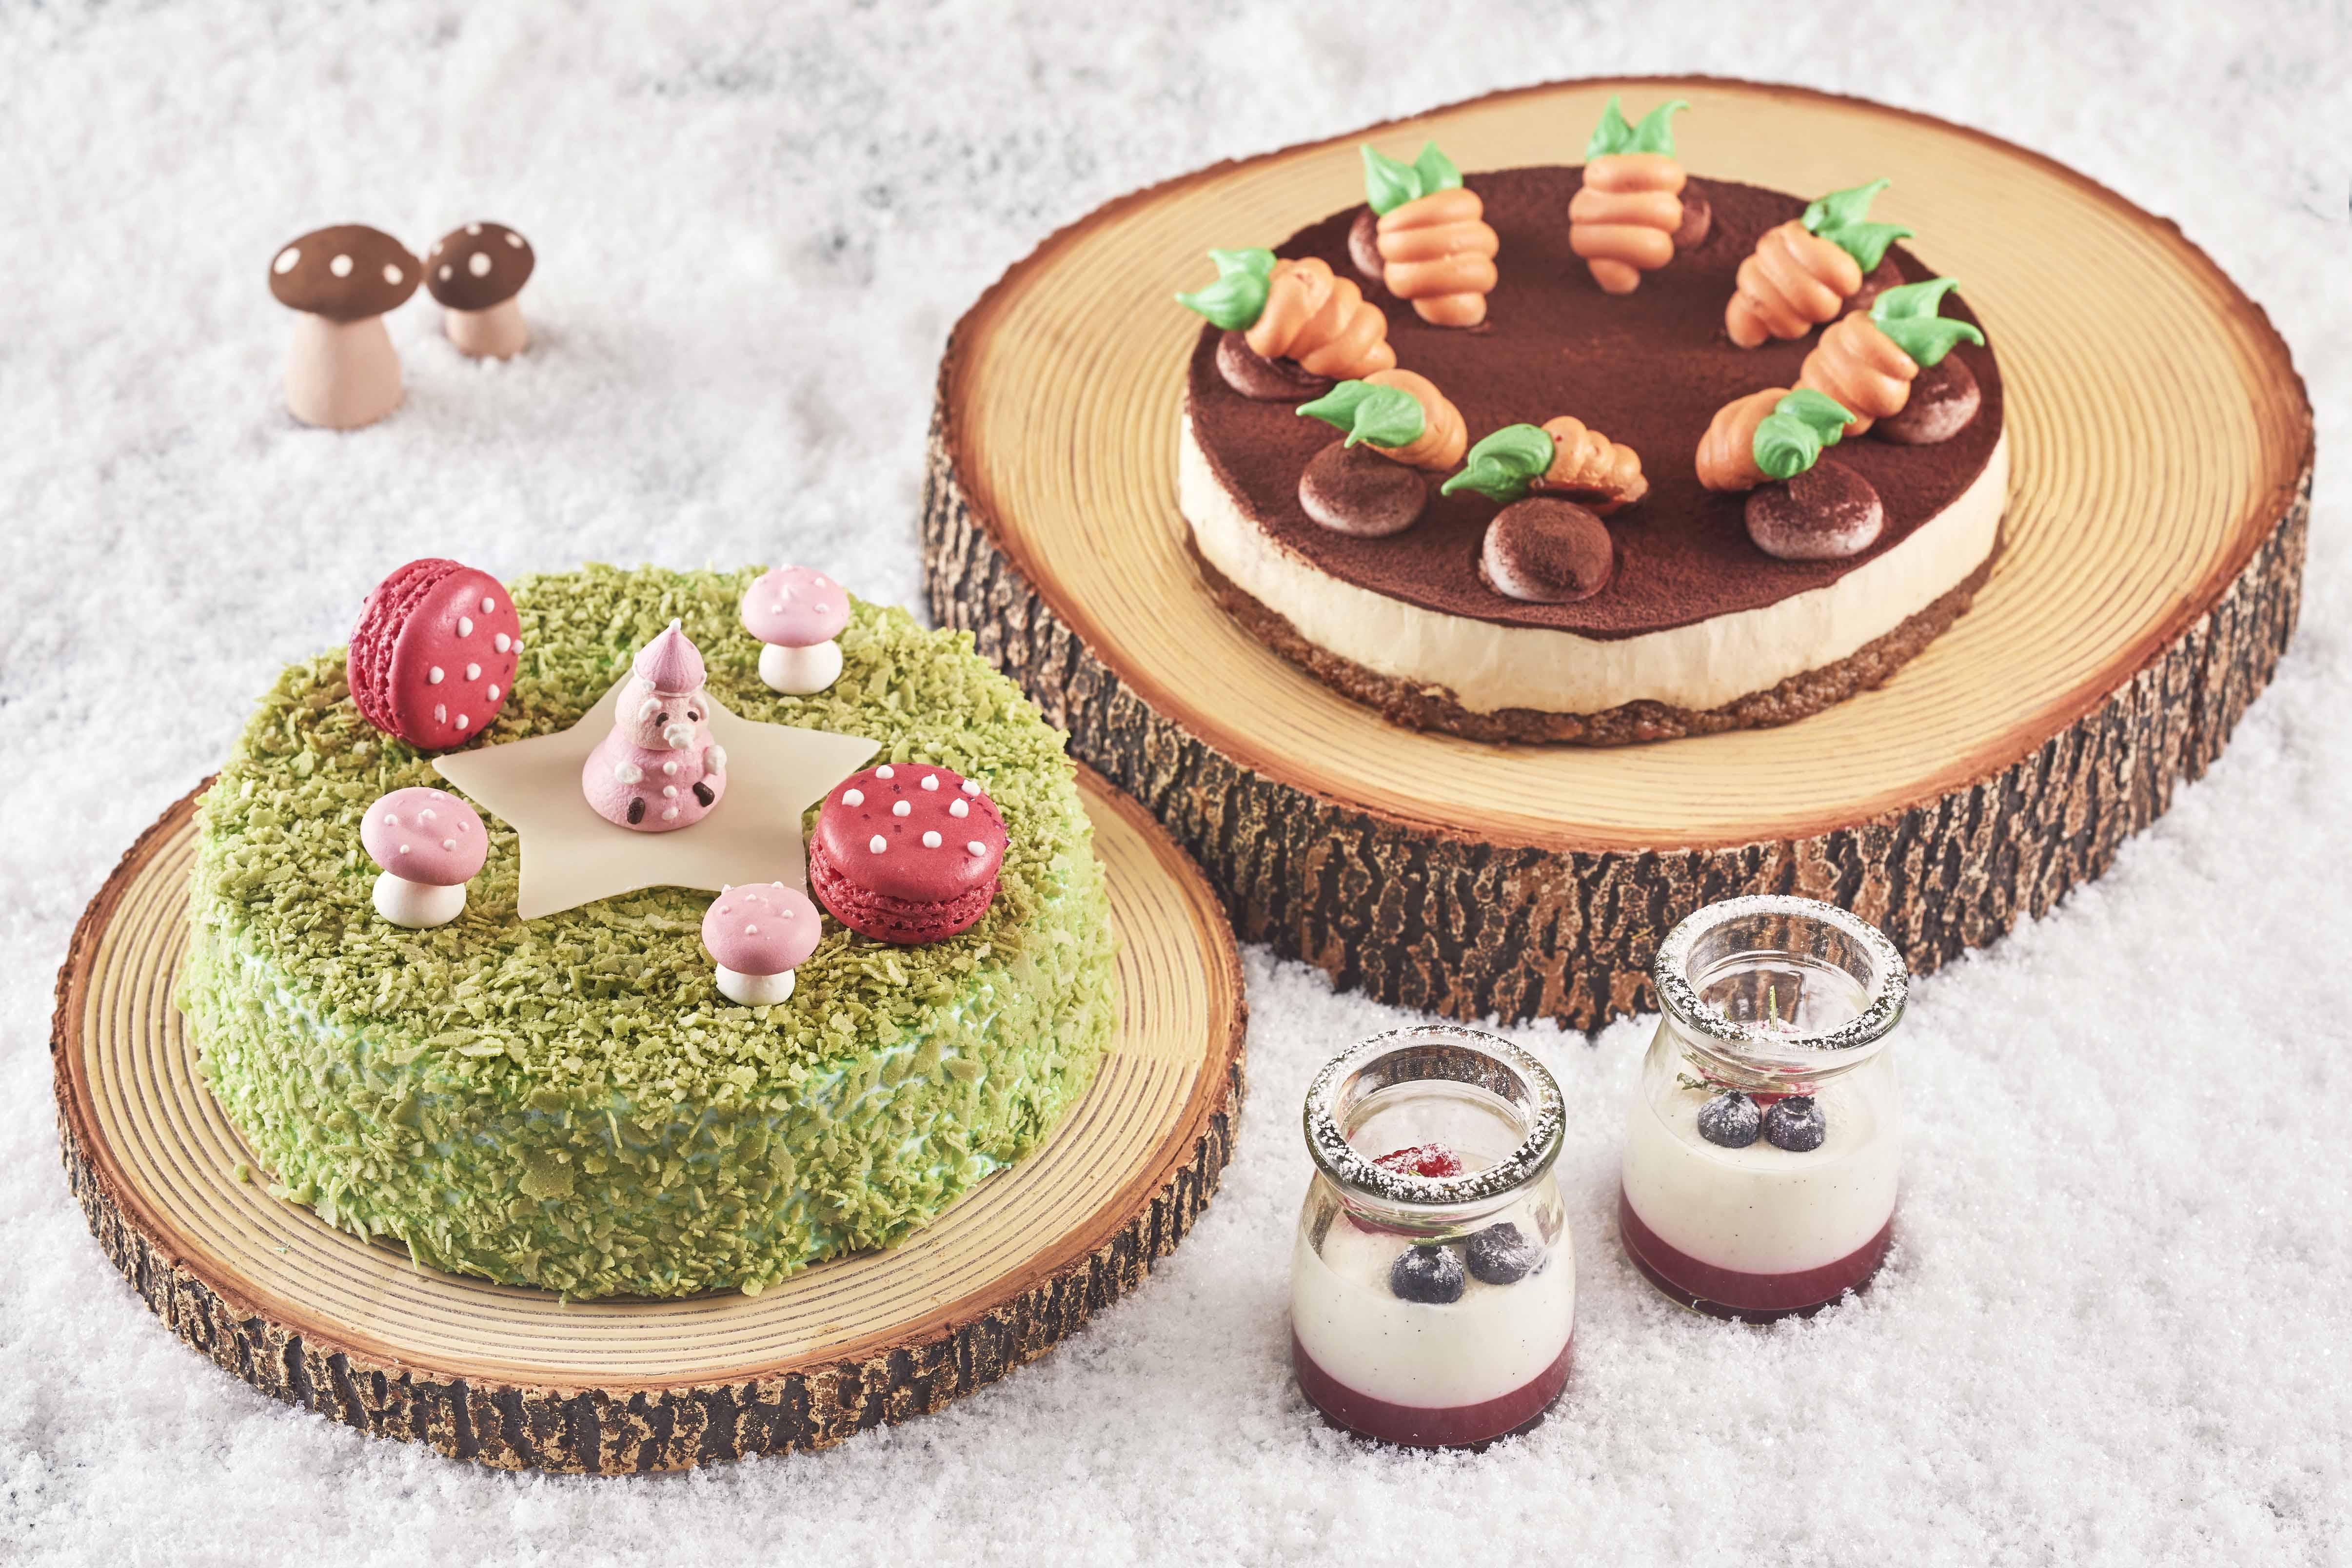 ▲シャンパンロリポップ、ルビーチョコと苺のロリポップ(左)、苺リップのタルト(中央)、頬を染めるルビーチョコレートのチーク(右)